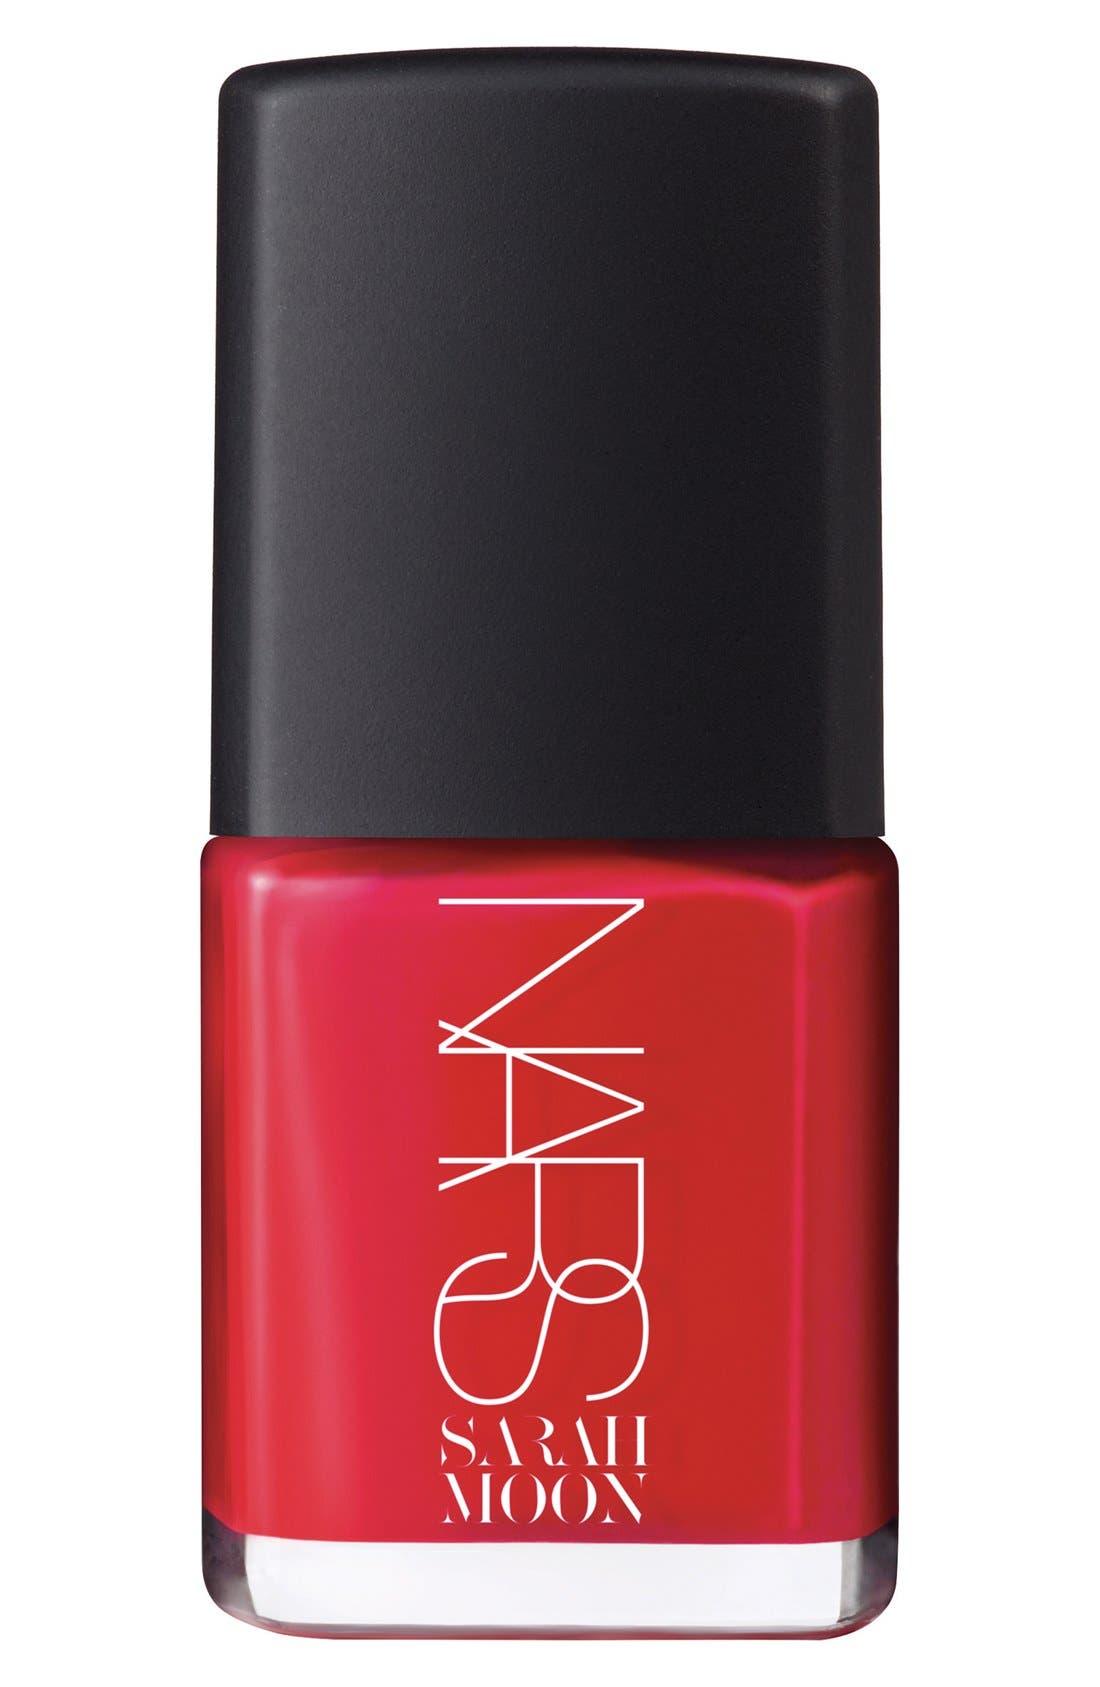 NARS Sarah Moon Nail Polish (Limited Edition)